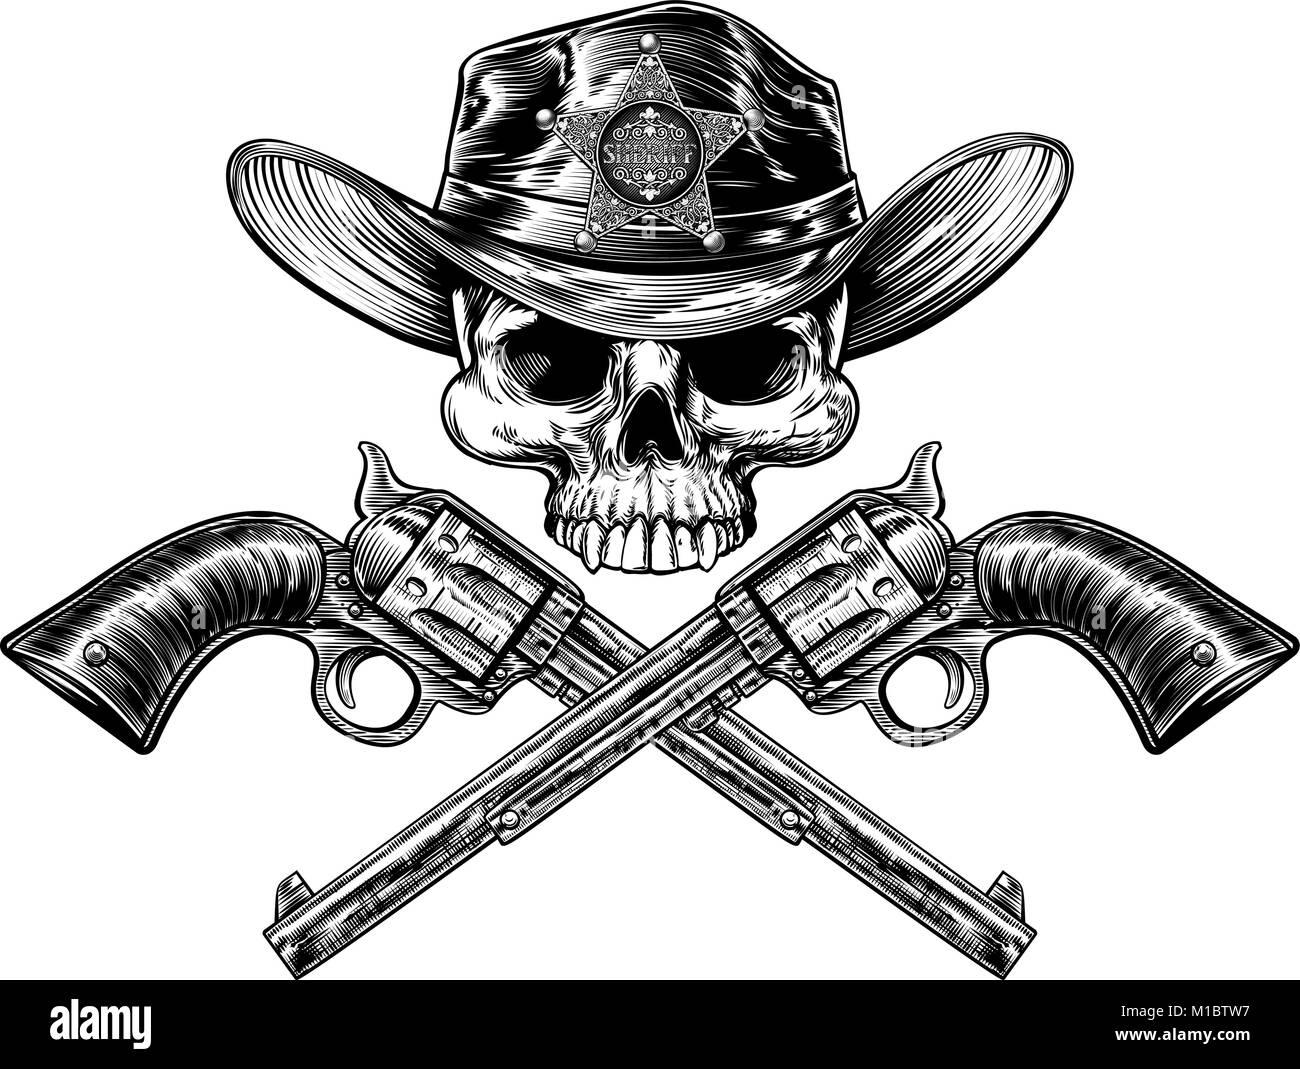 Sheriff Badge Star cappello da cowboy cranio e pistole Immagini Stock fbfd91c33e6c